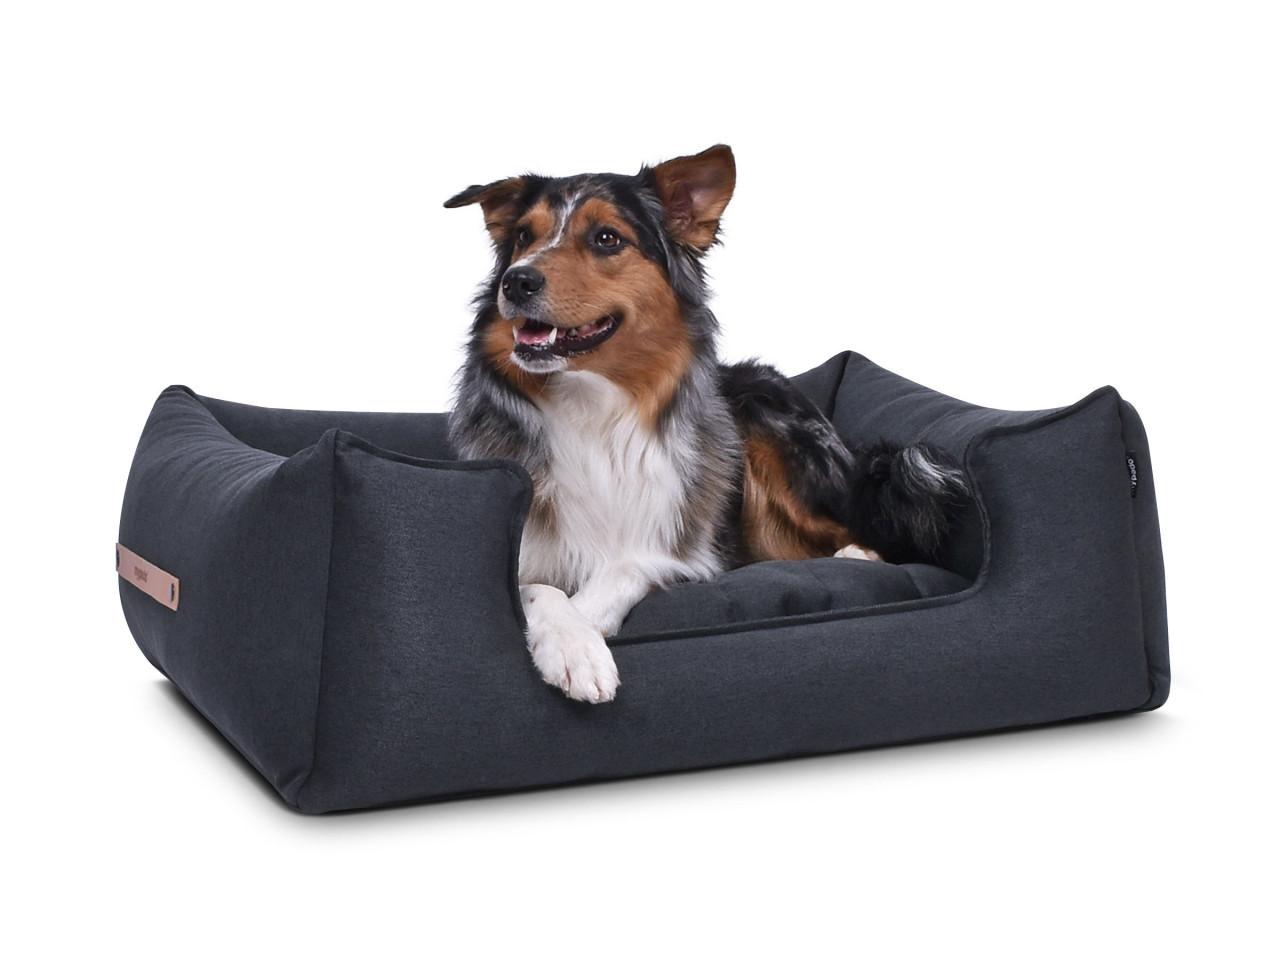 hundebett-NORDIC-basic-anthrazit-hund